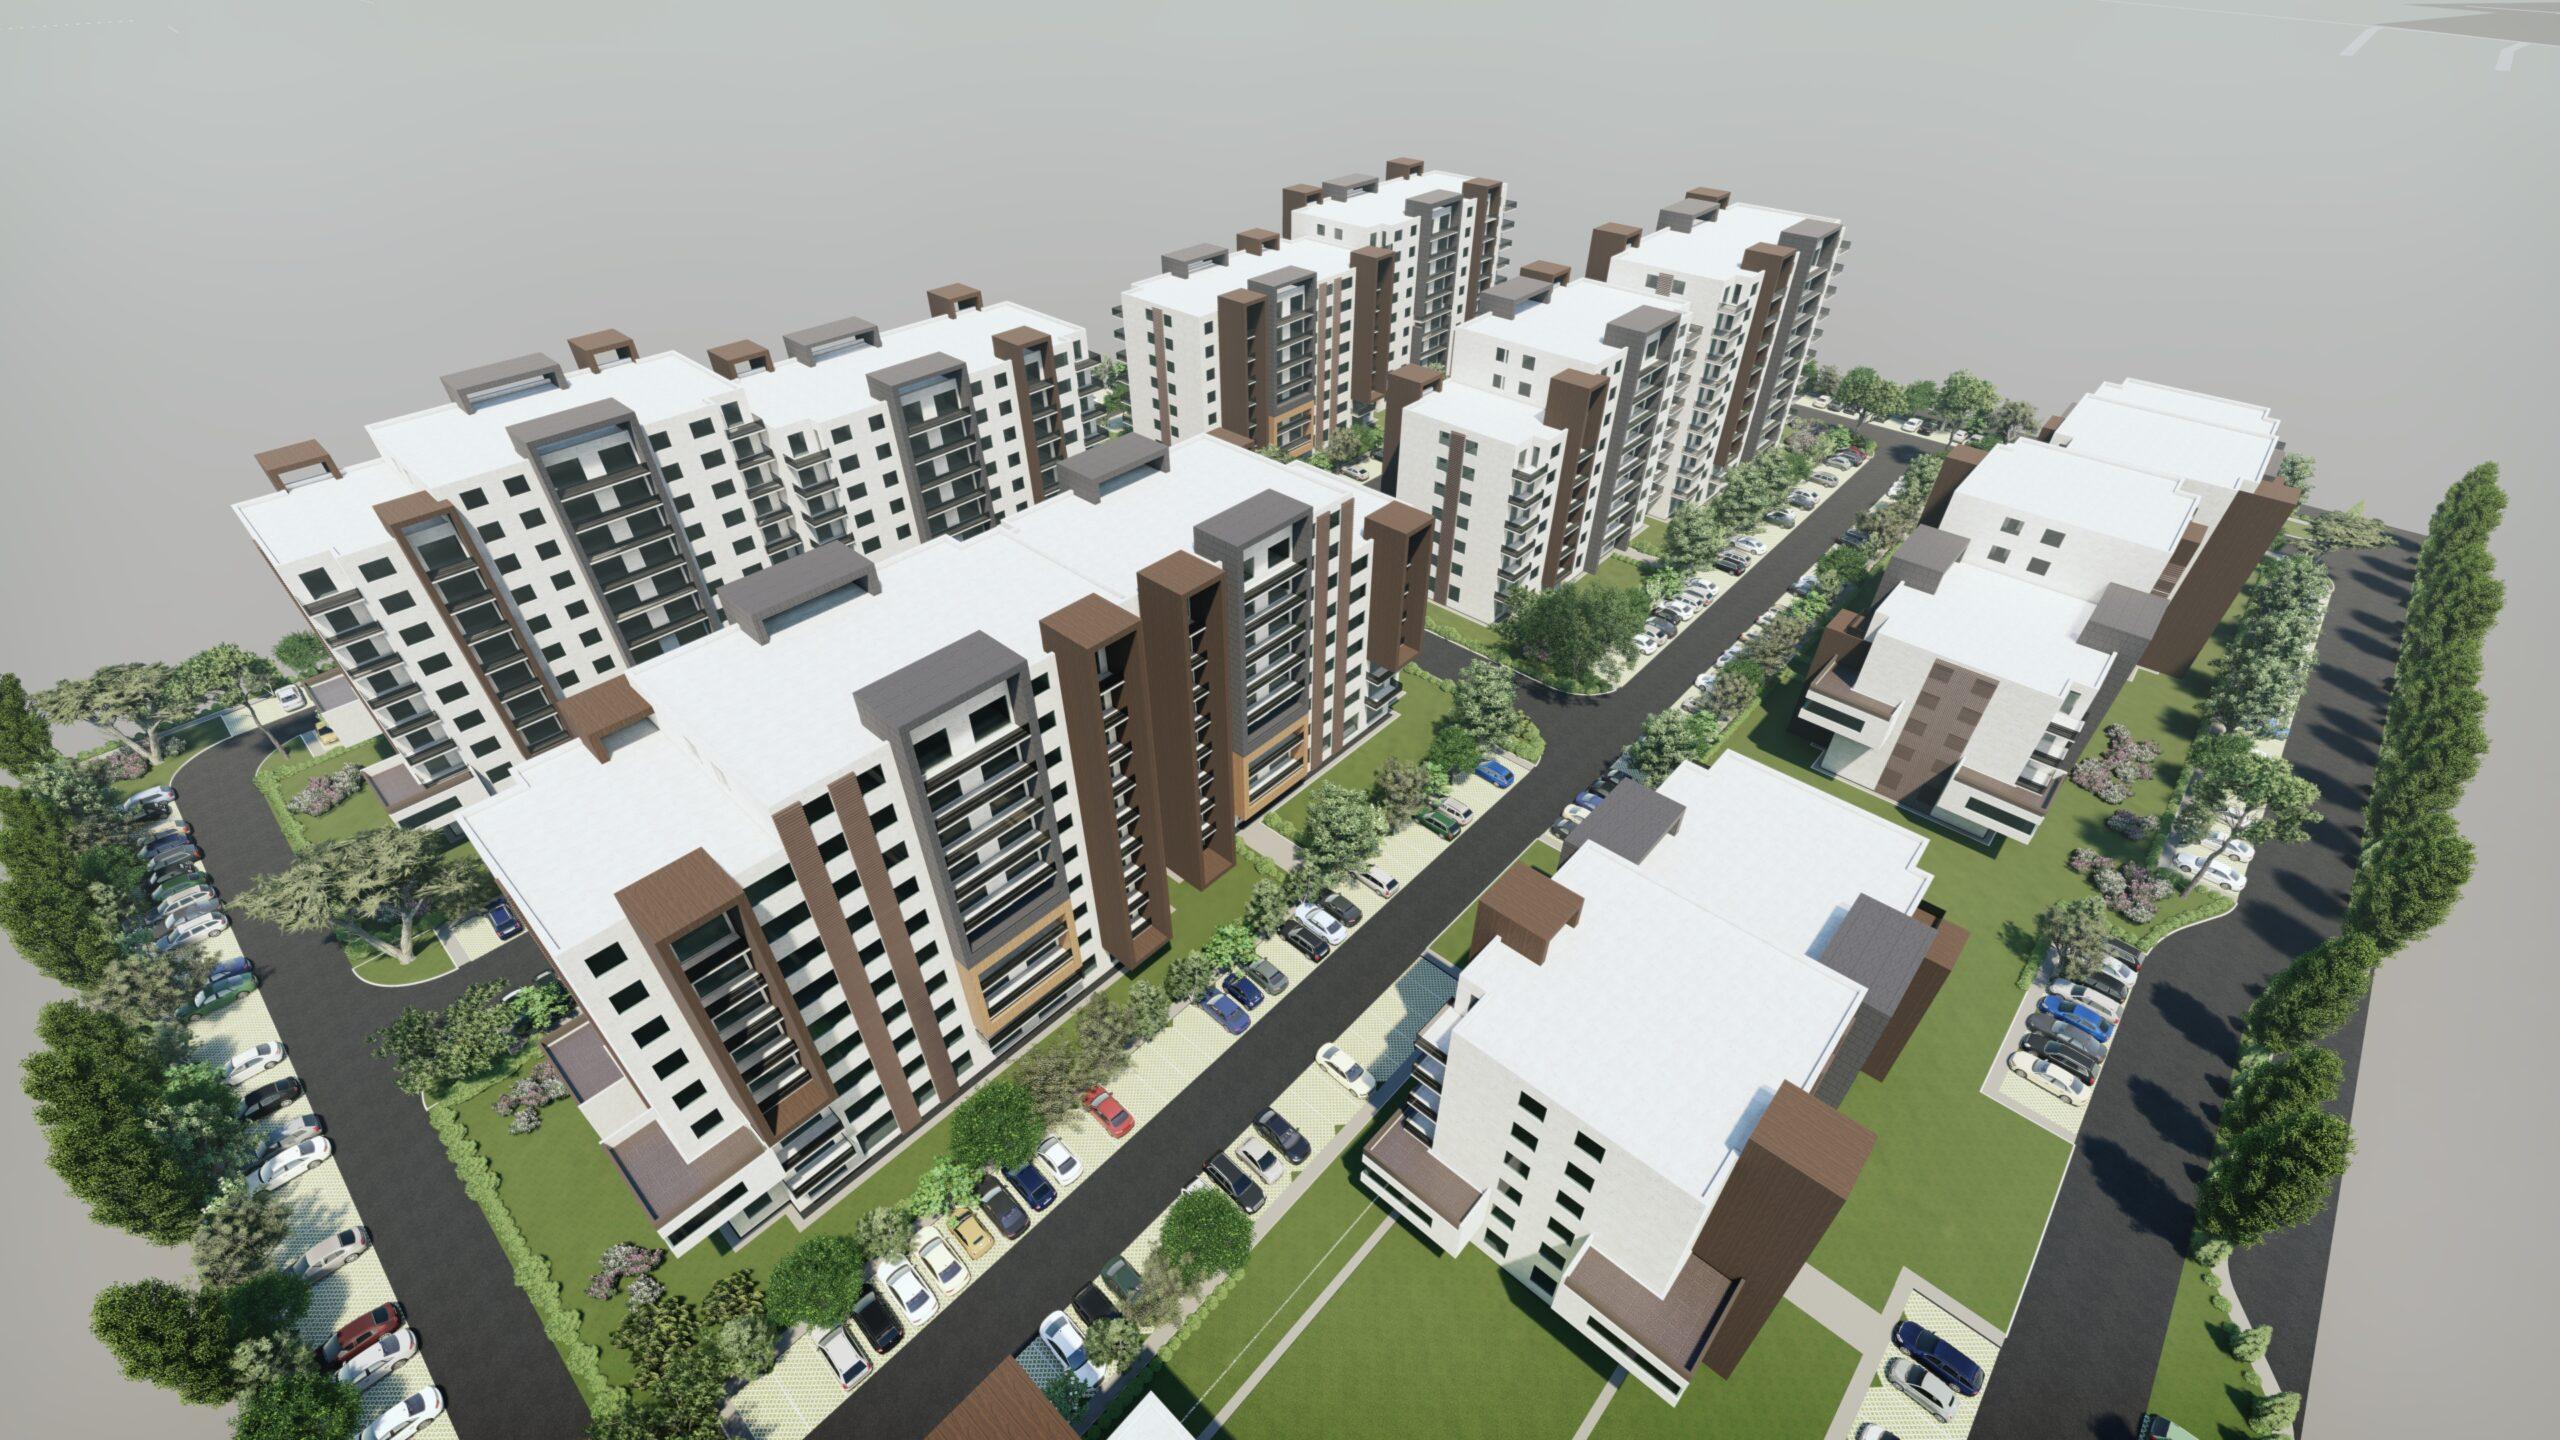 Construire amsamblu de clădiri cu functiuni mixte-locuințe colective, comer, servicii, având regim de înălțime variabil 2S+P+3E - 2S+P+9E+ER, amenajări peisagere, parcări, circulații pe lot, iluminat exterior, amplasare firme luminoase, împrejmuire, branșamente utilități, organizare de șantier